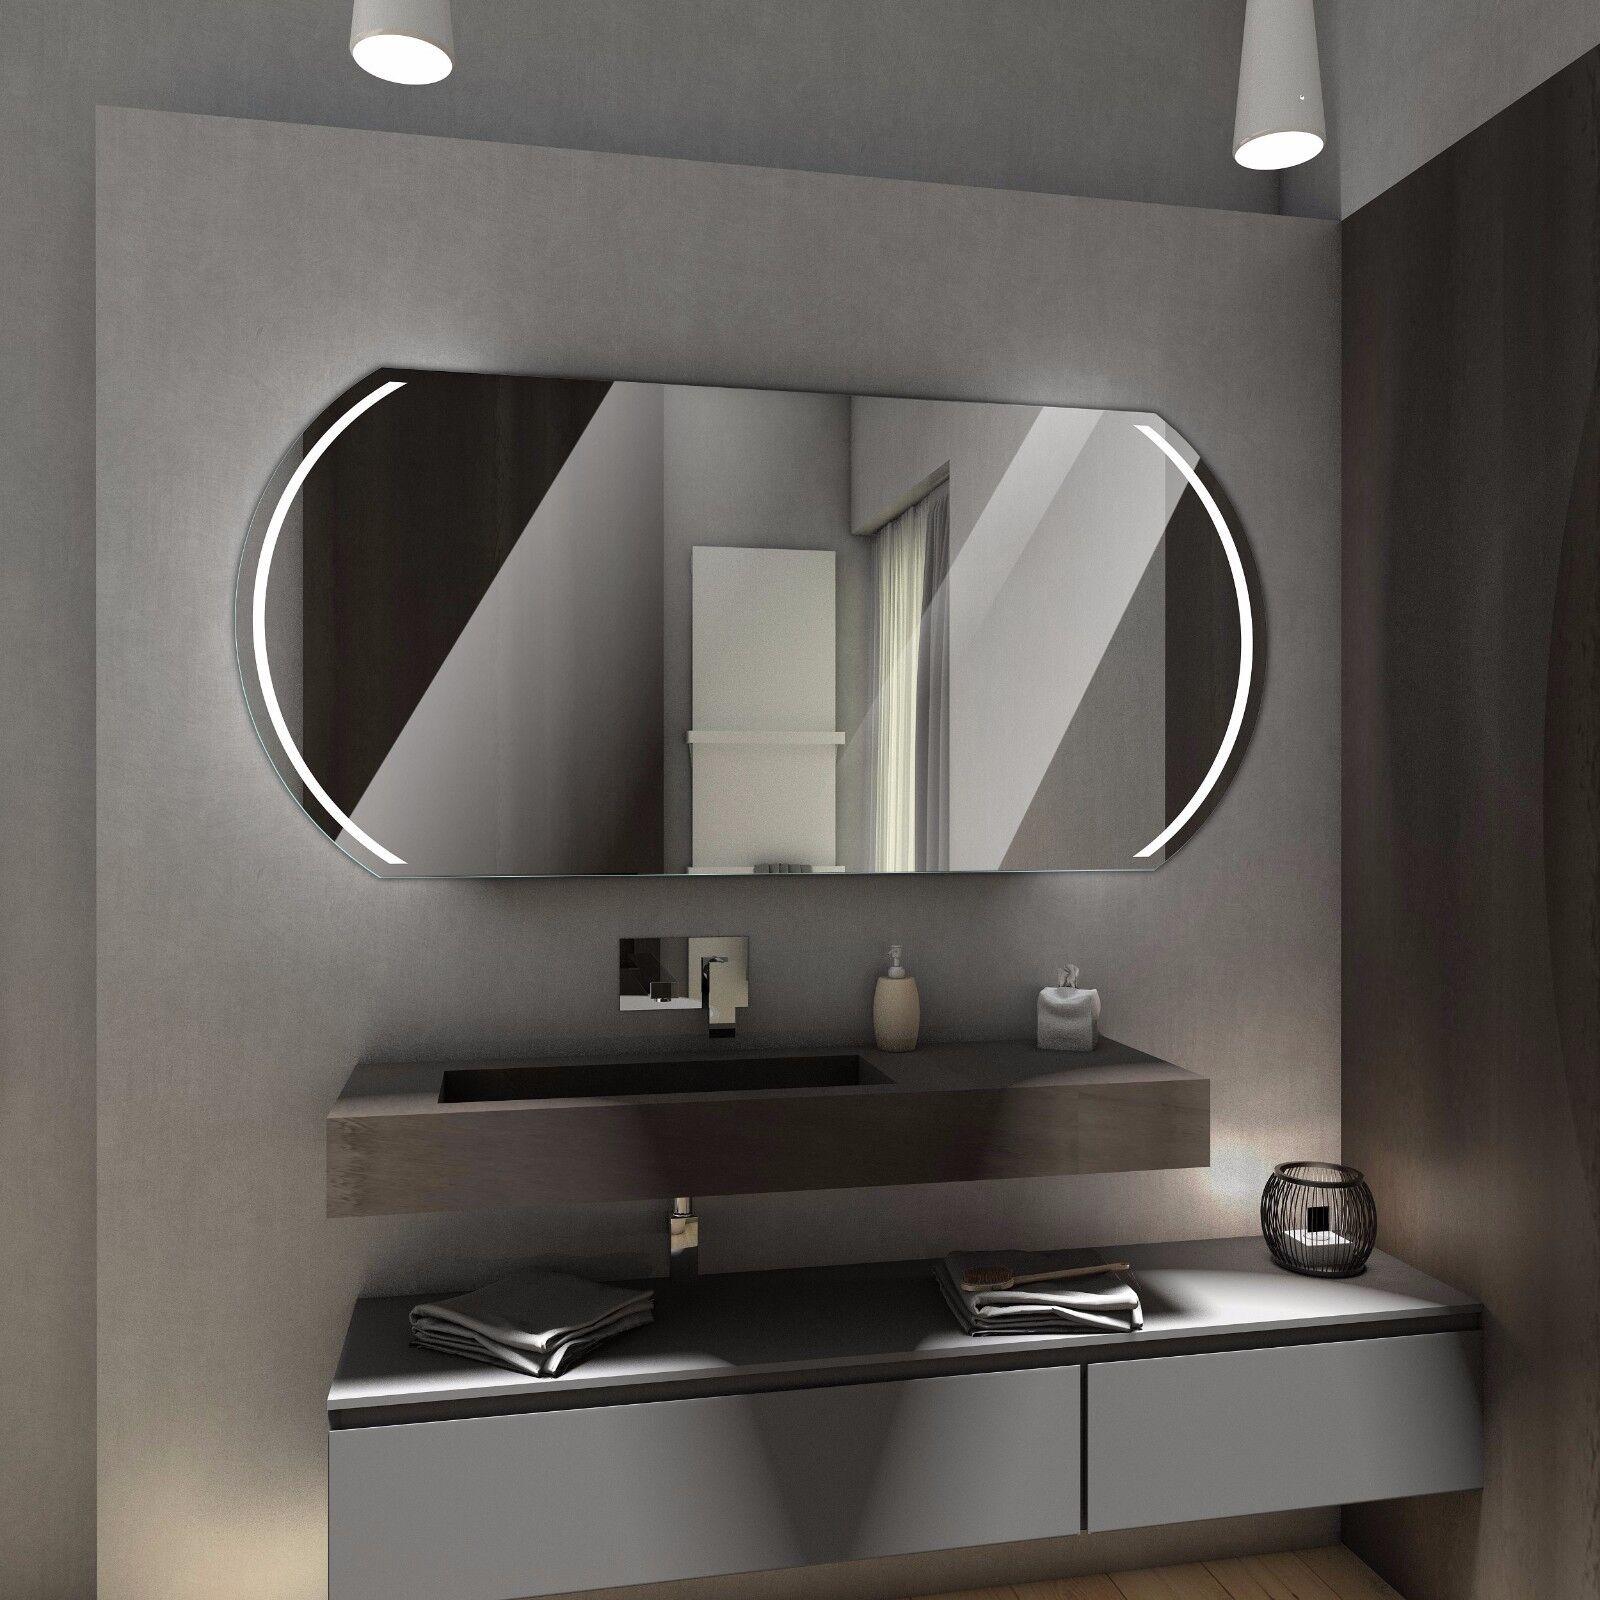 Badspiegel mit LED Beleuchtung Wandspiegel Badezimmerspiegel nach ...